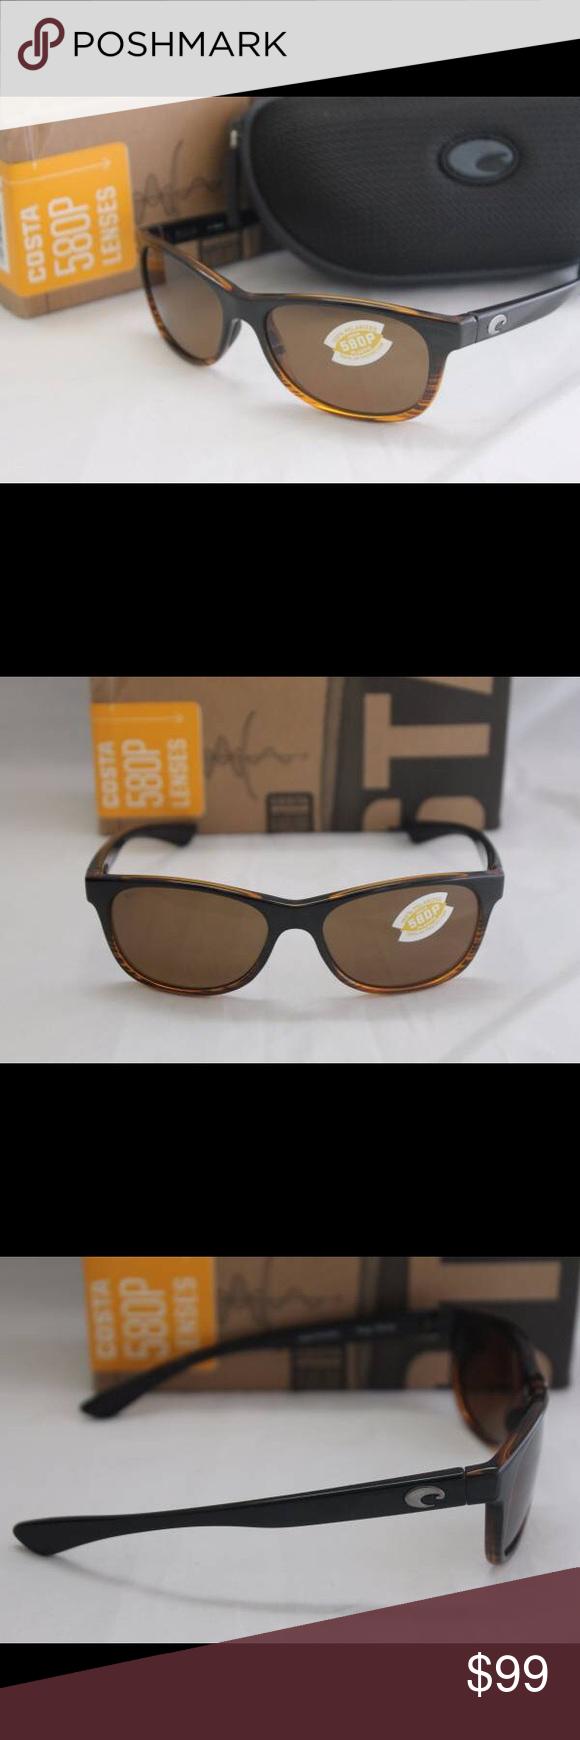 1952c146a1329 New Costa Del Mar Prop 580P Sunglasses Coconut Fd Brand new in the box Costa  Del